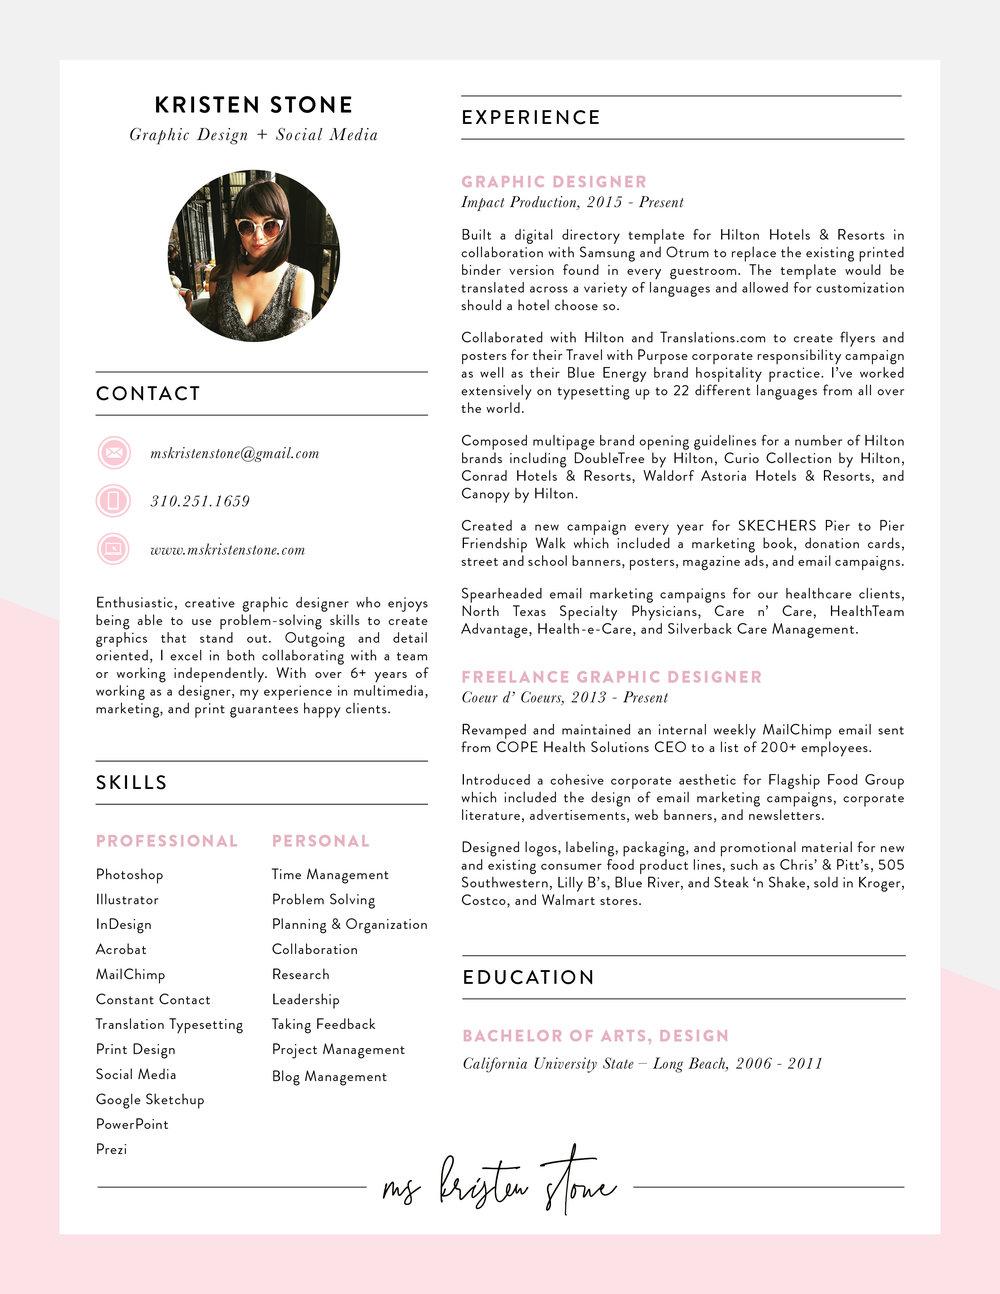 KristenStone_Resume_April2018.jpg